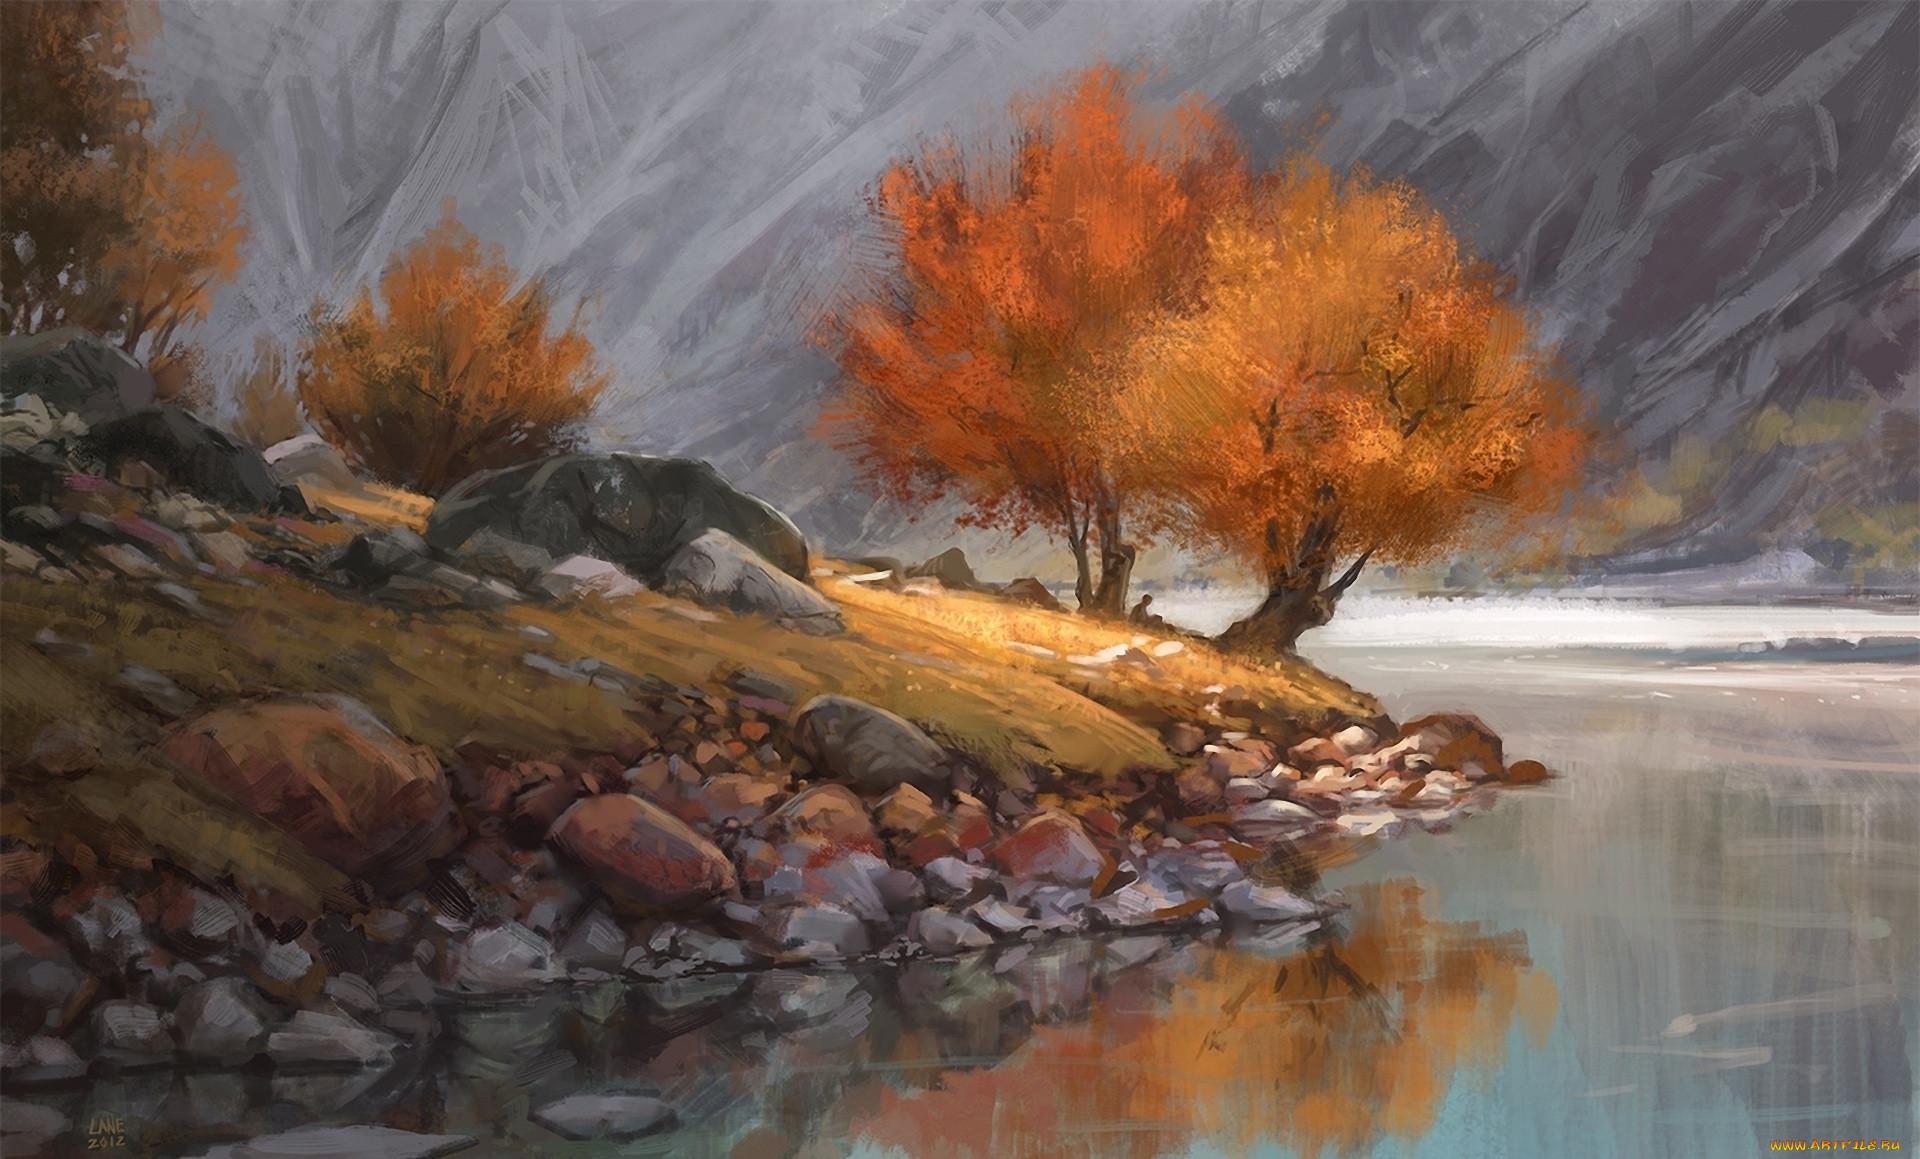 покупки панорамные постеры природа осень фильтры крайне полезная